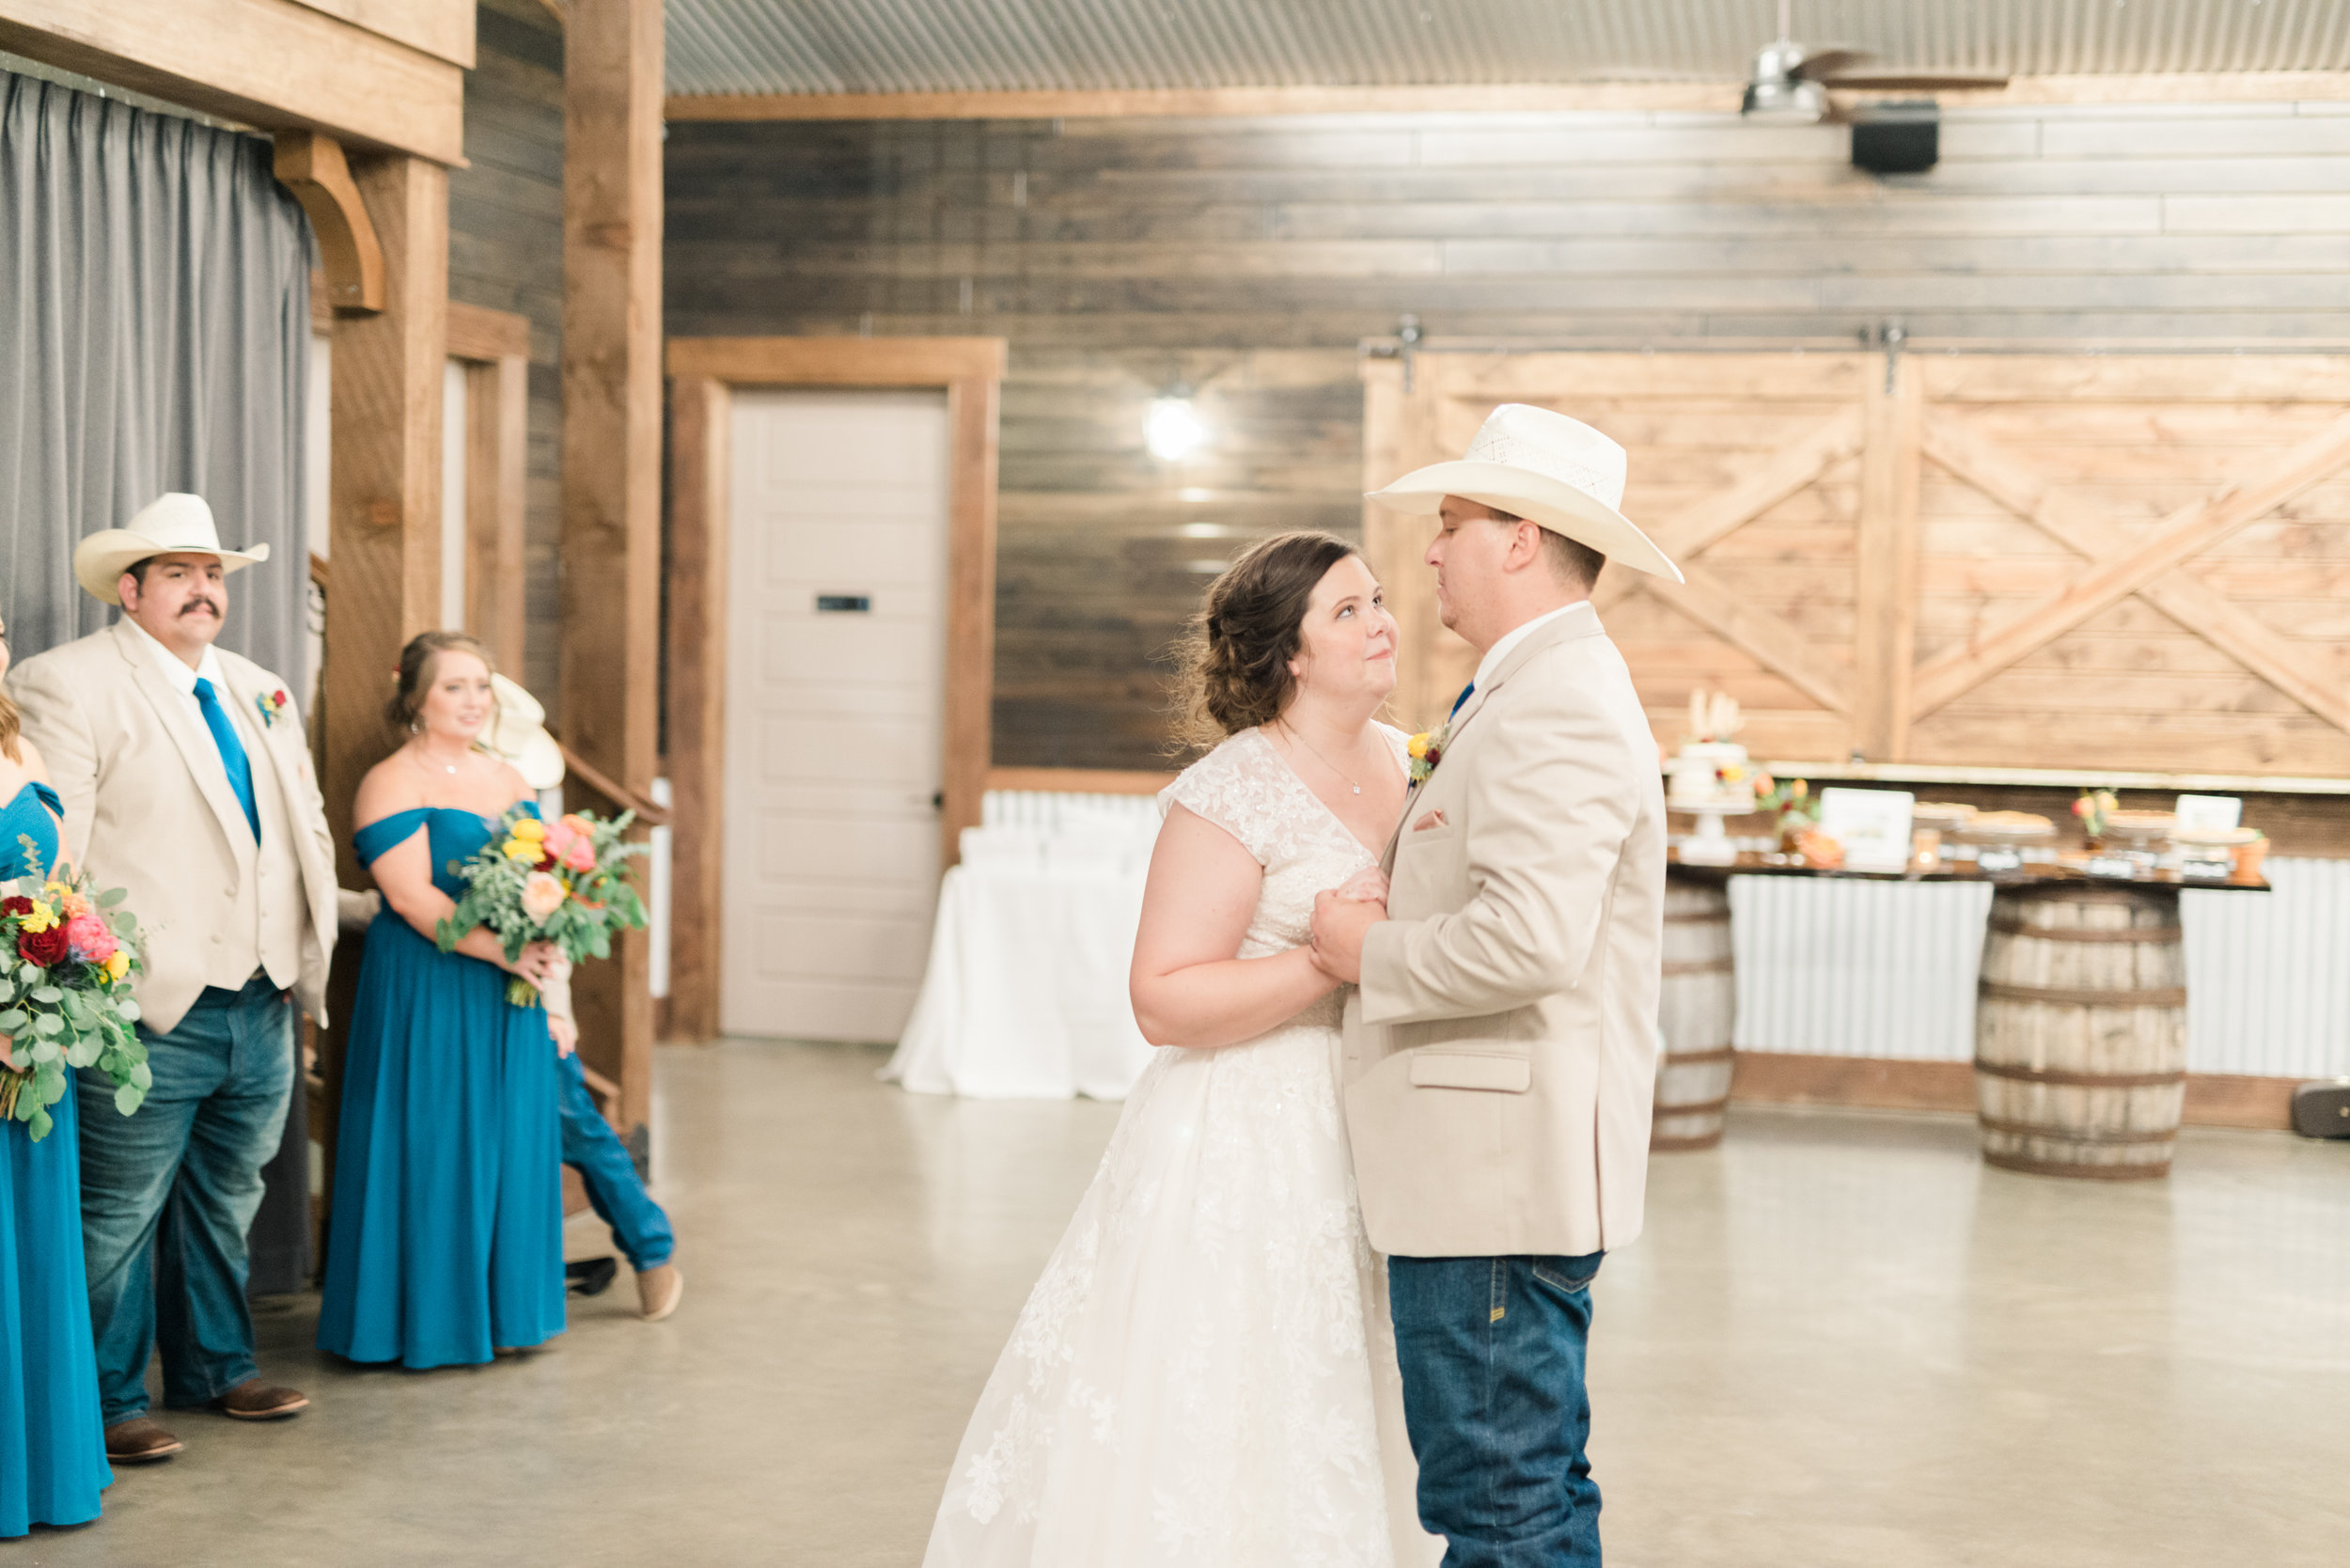 Wesley-Wedding-Ten23-Photography-663.jpg